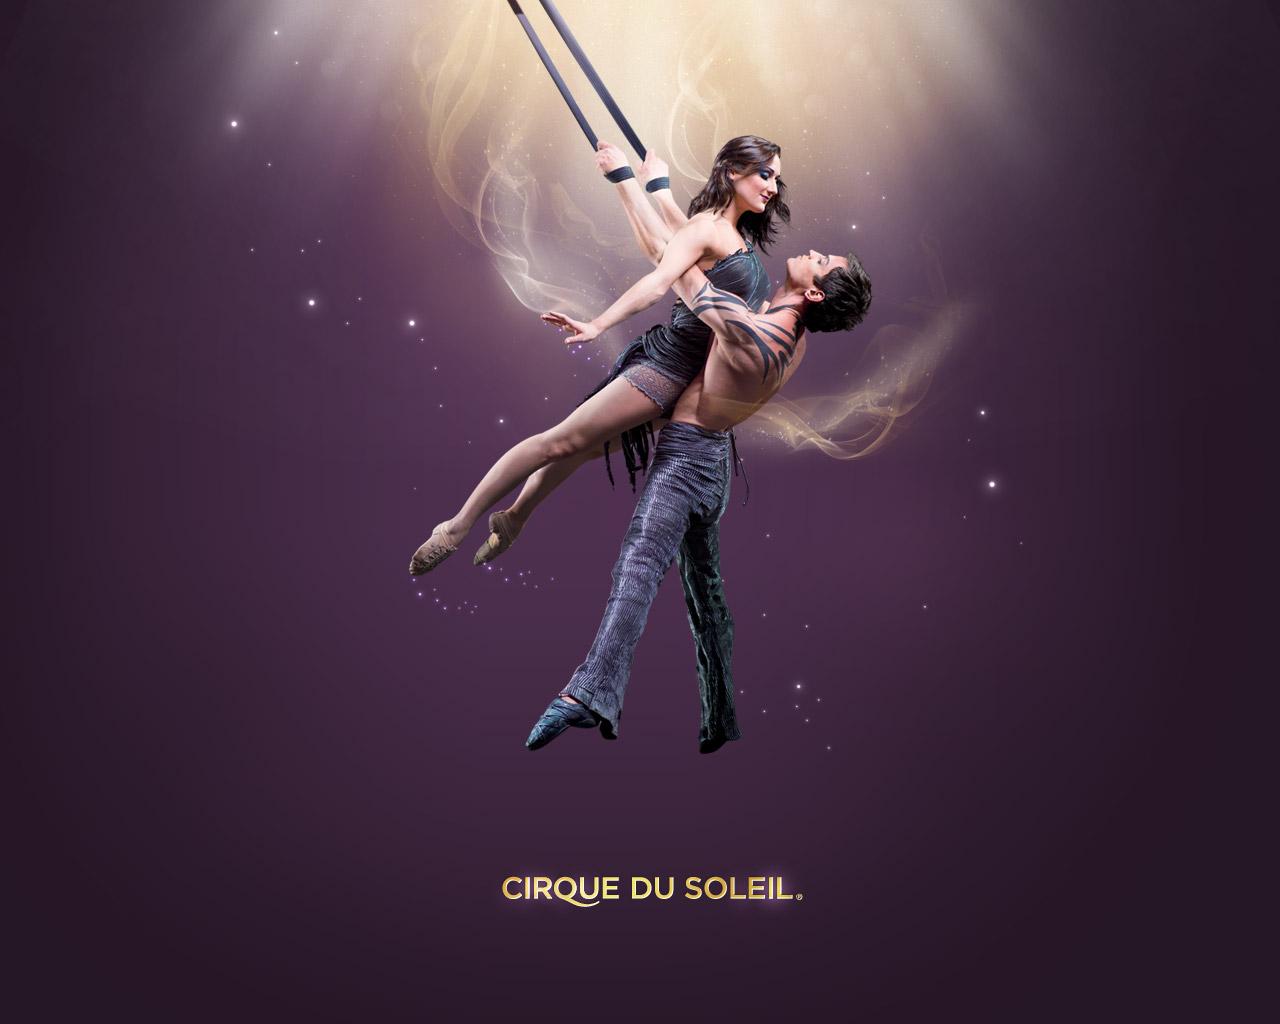 Image Result For O The Aquatic Las Vegas Classic Cirque Du Soleil